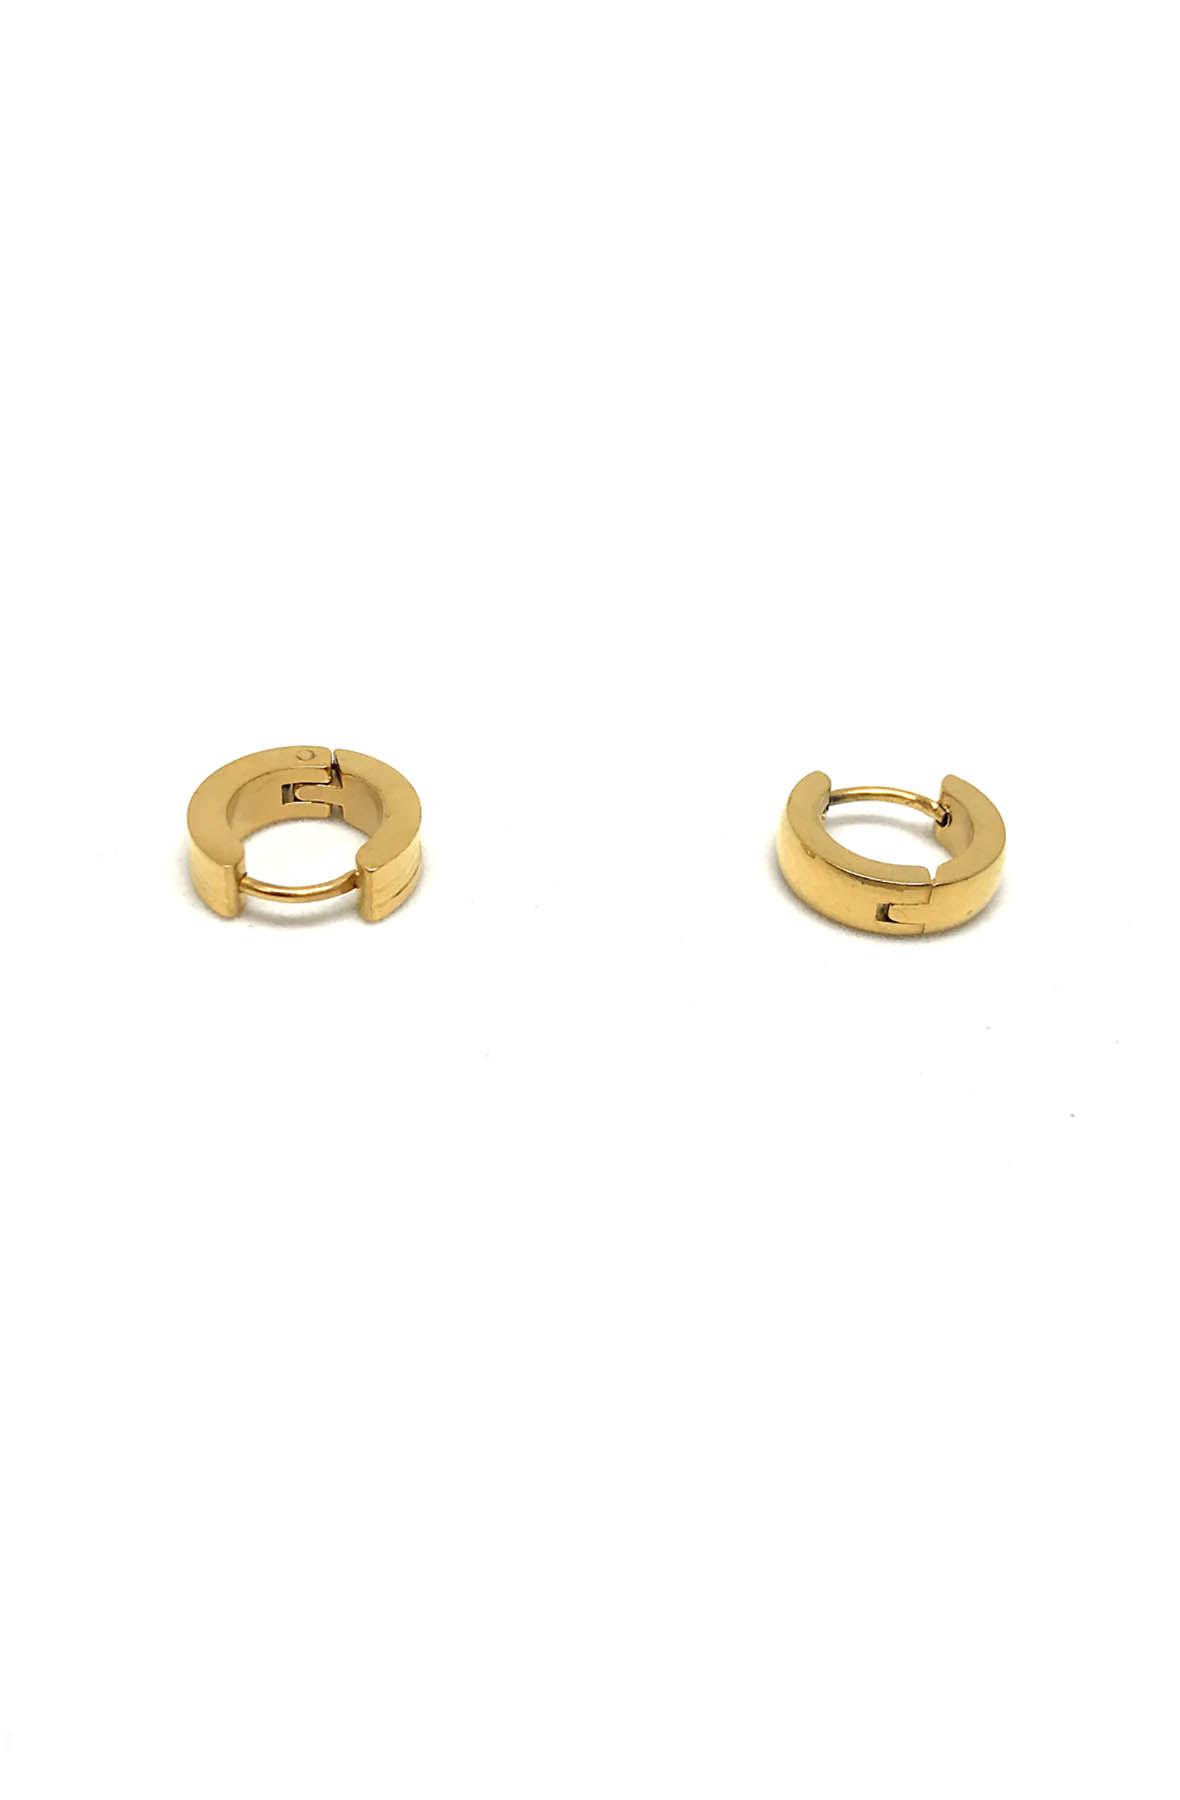 Gold Stainless Steel Hoop Earings